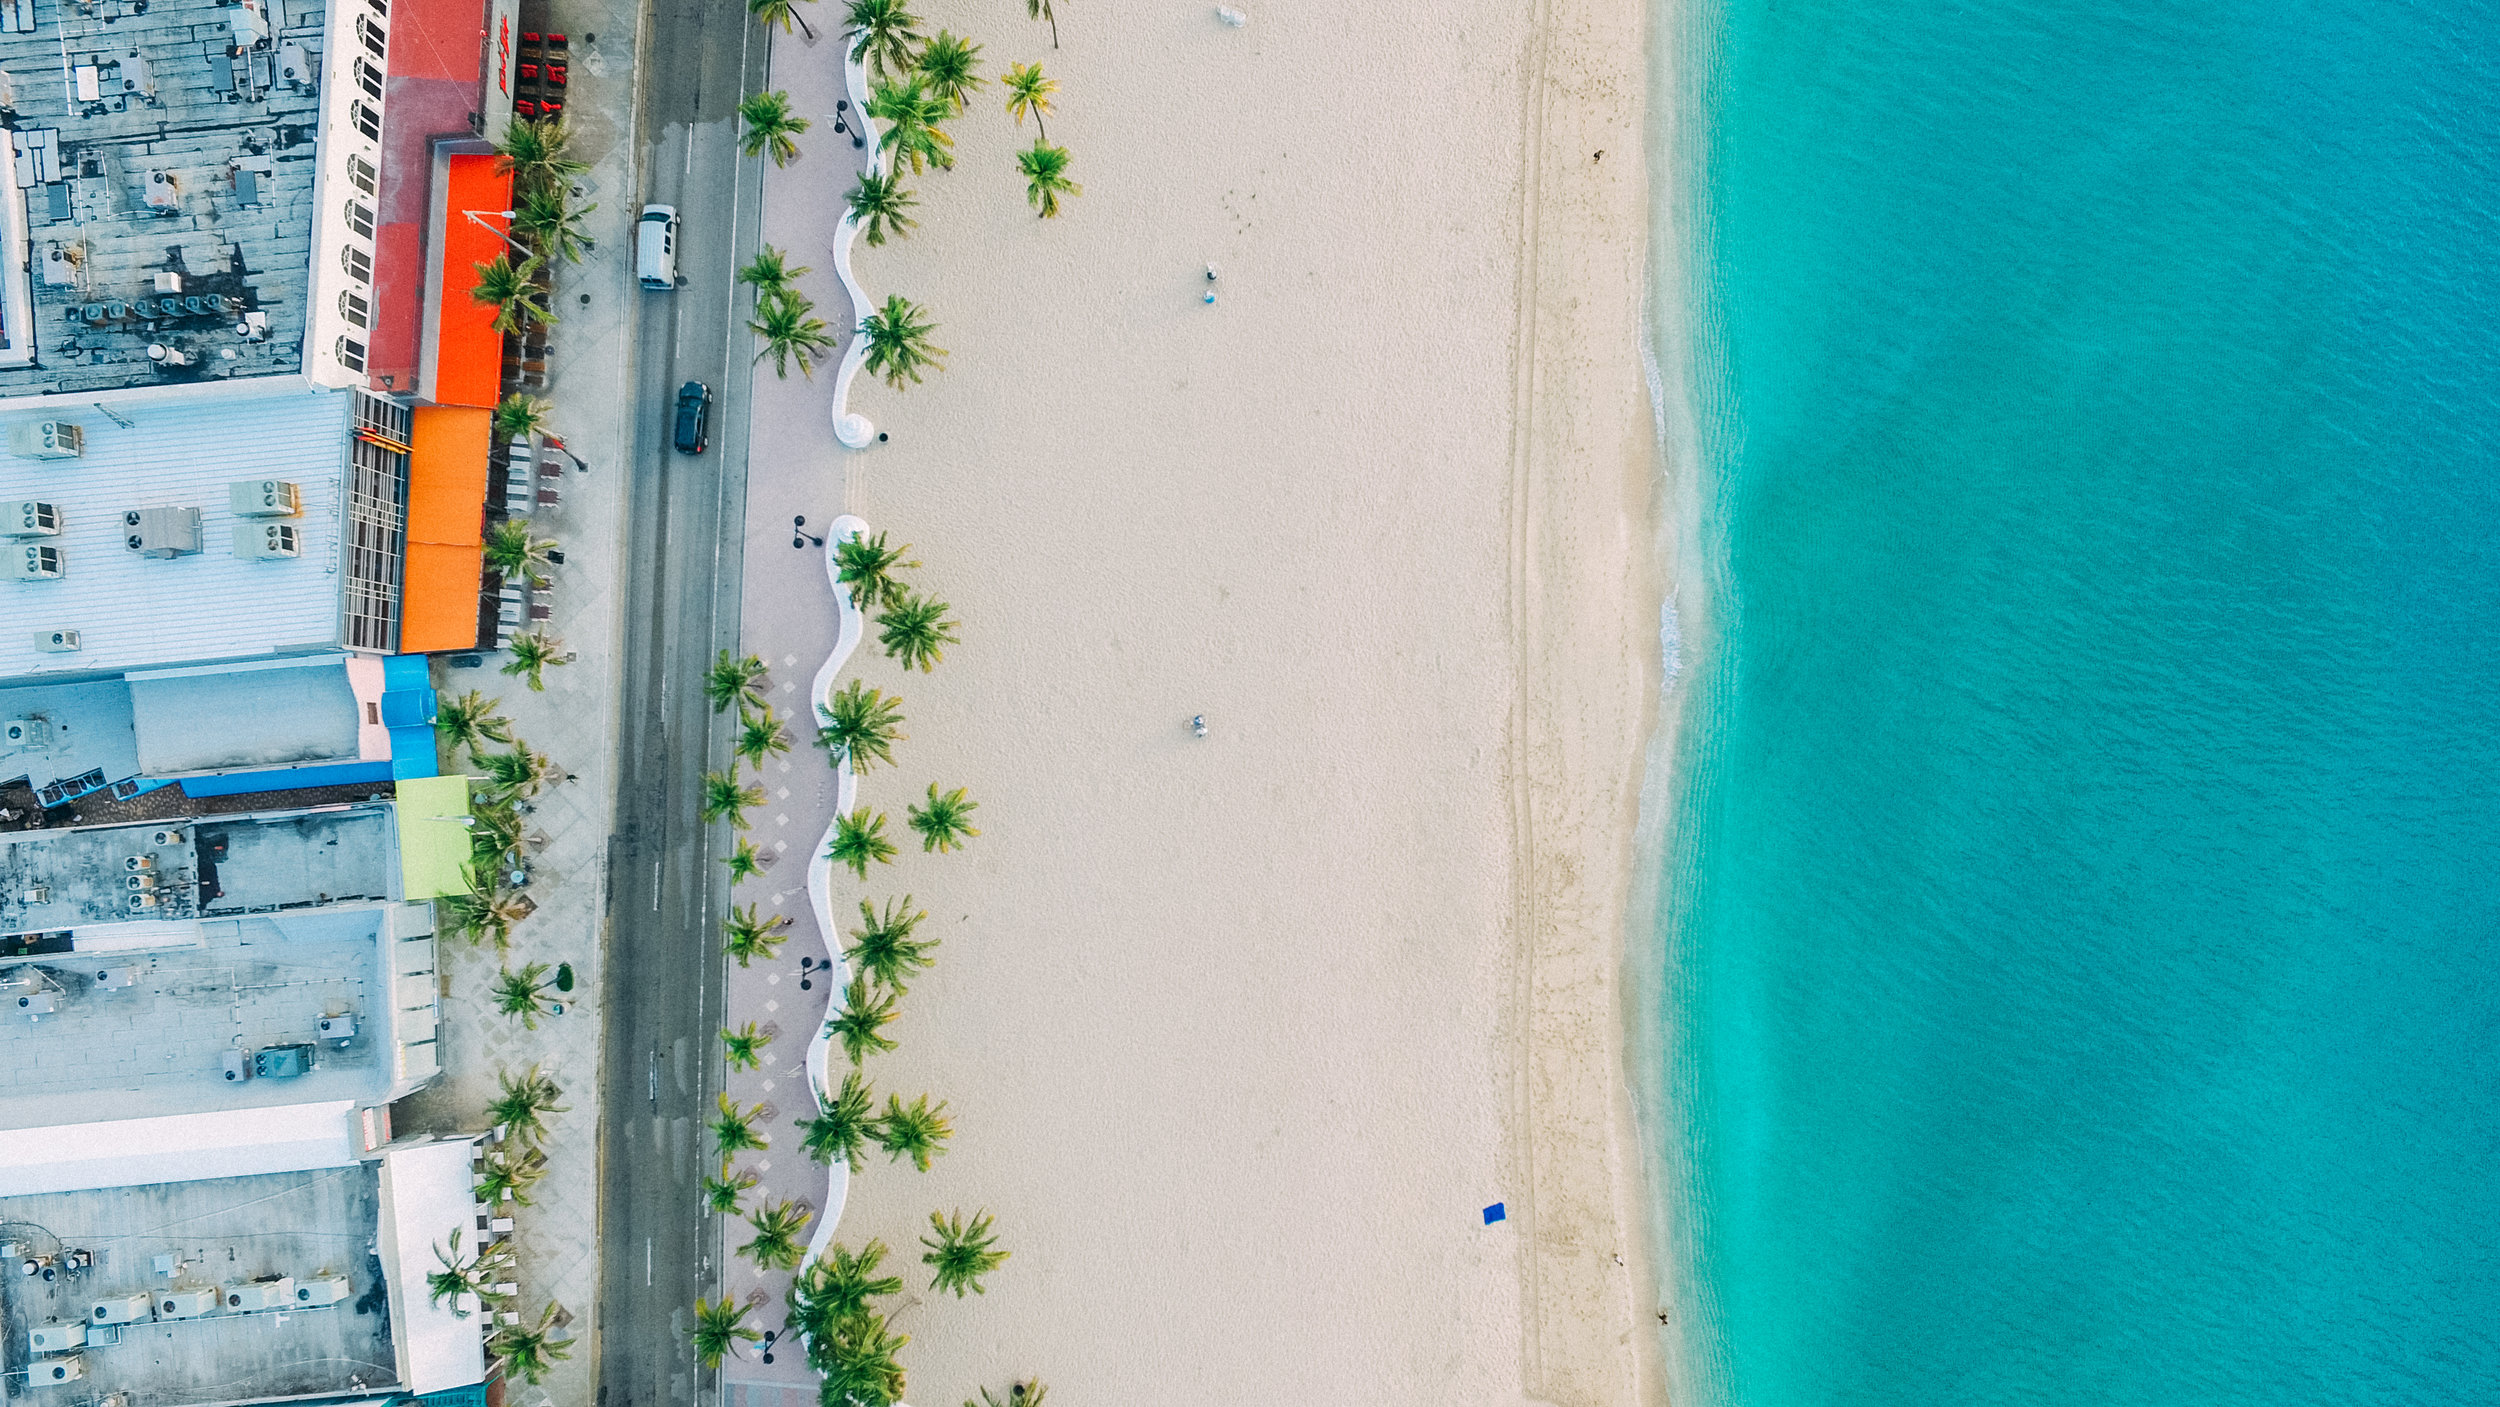 South Beach - Aunque la Florida es famosa por sus cientos de playas, muy pocas son tan reconocidas como South Beach. Disfrutar y darte un chapuzón en esta playa no tiene costo. A solo pasos, podrás recorrer las calles de Mami Beach y disfrutar de su emblemática arquitectura.